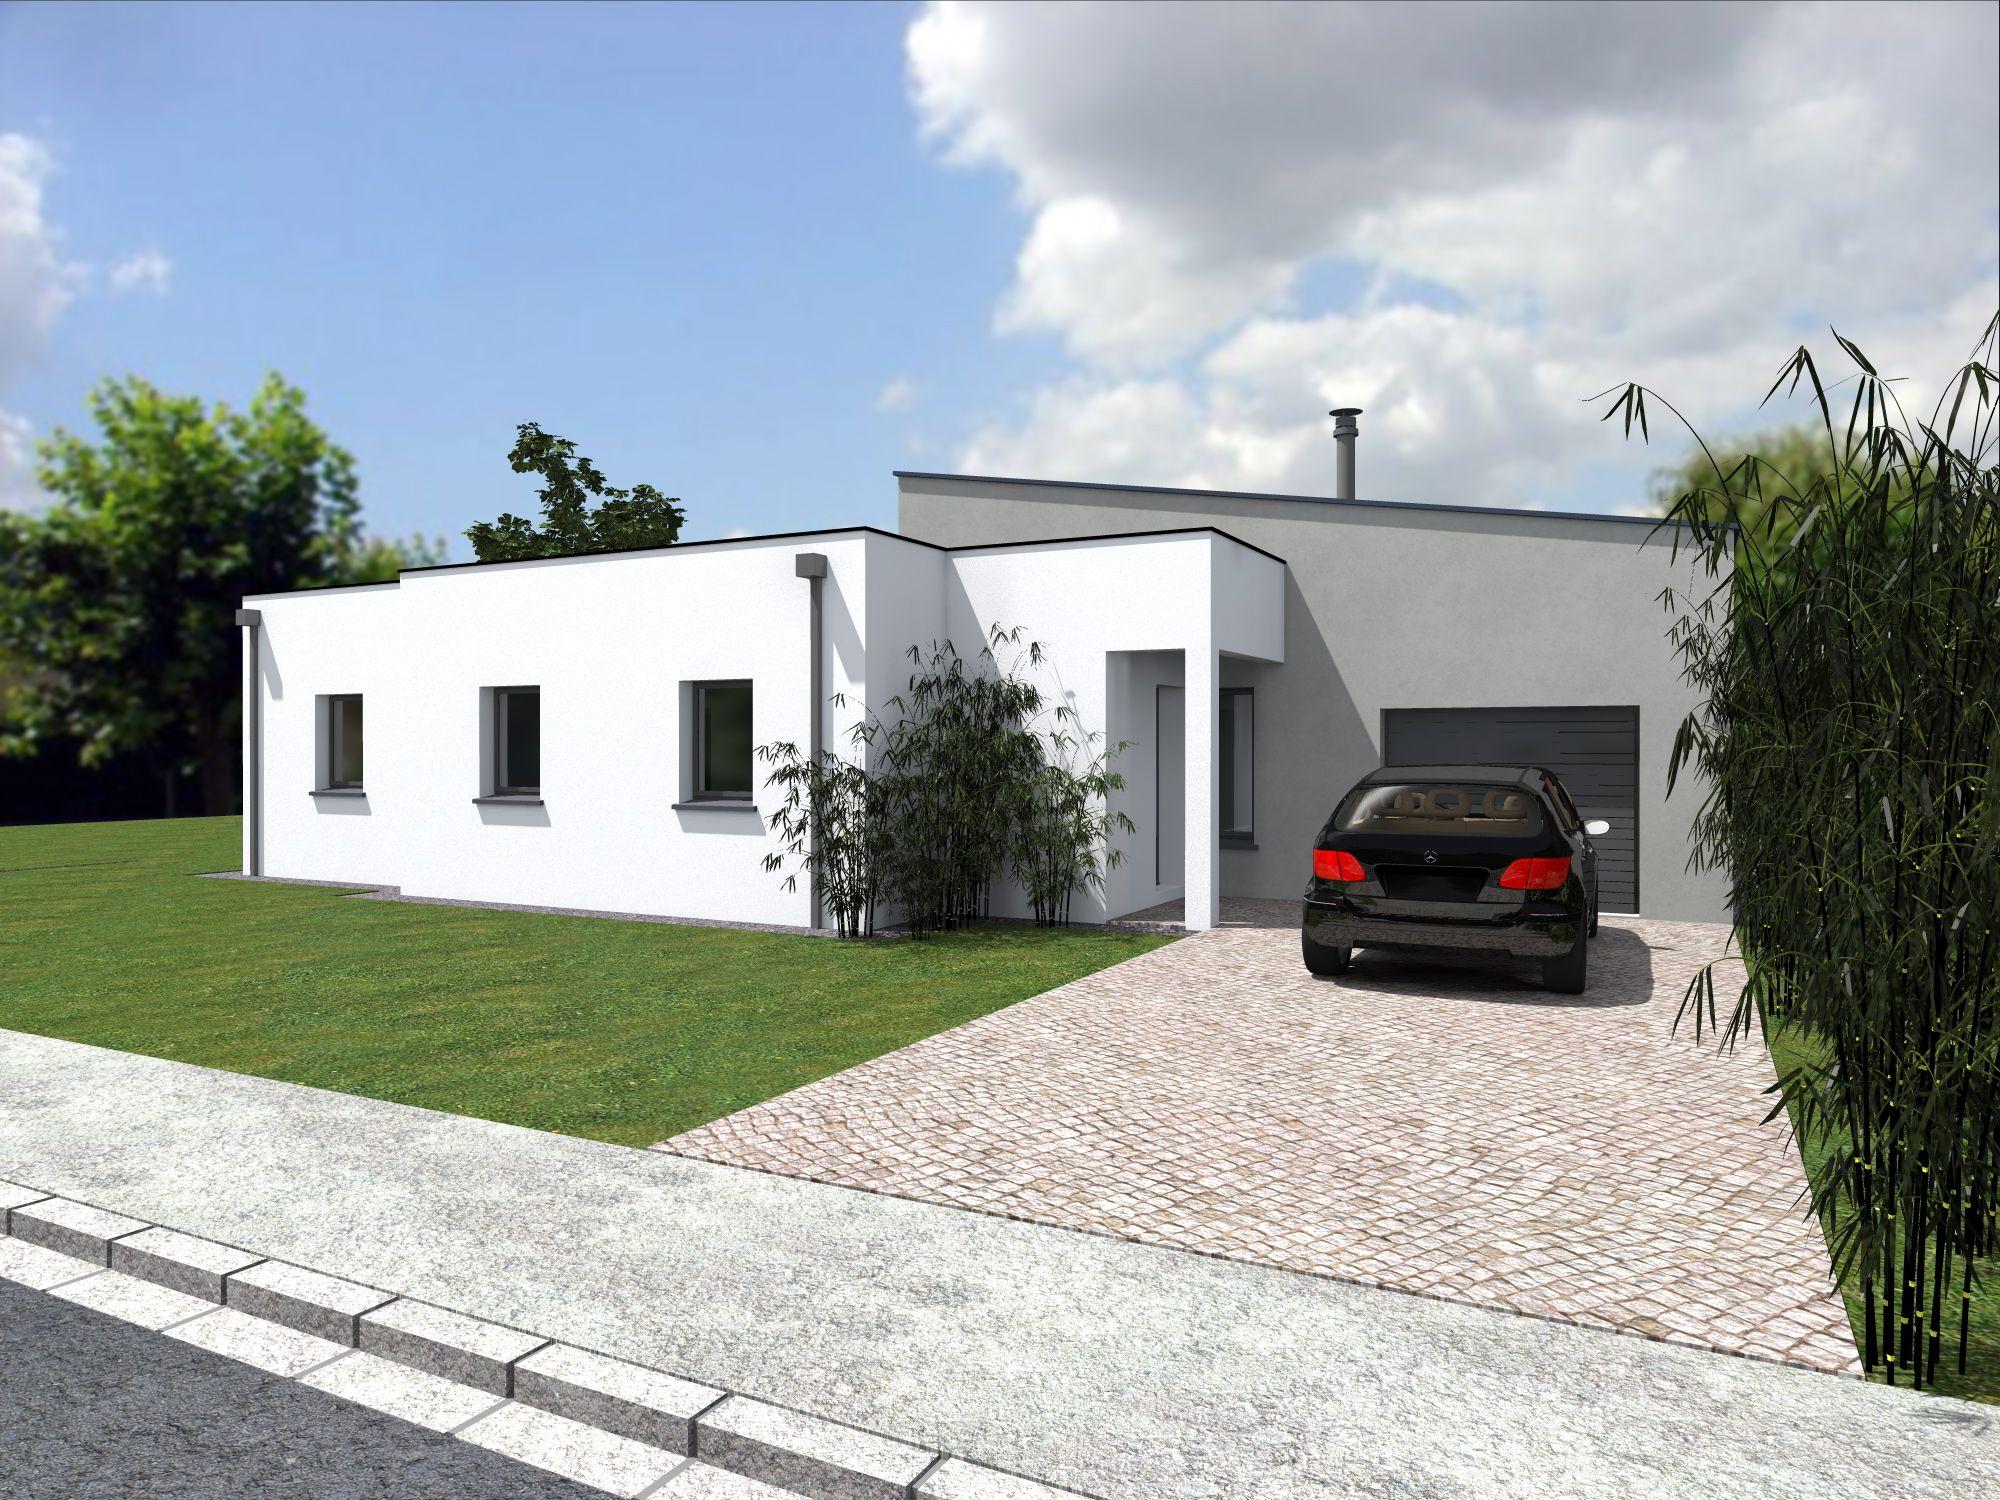 façade avant du modèle de maison Alliance Construction baptisé Telma ...